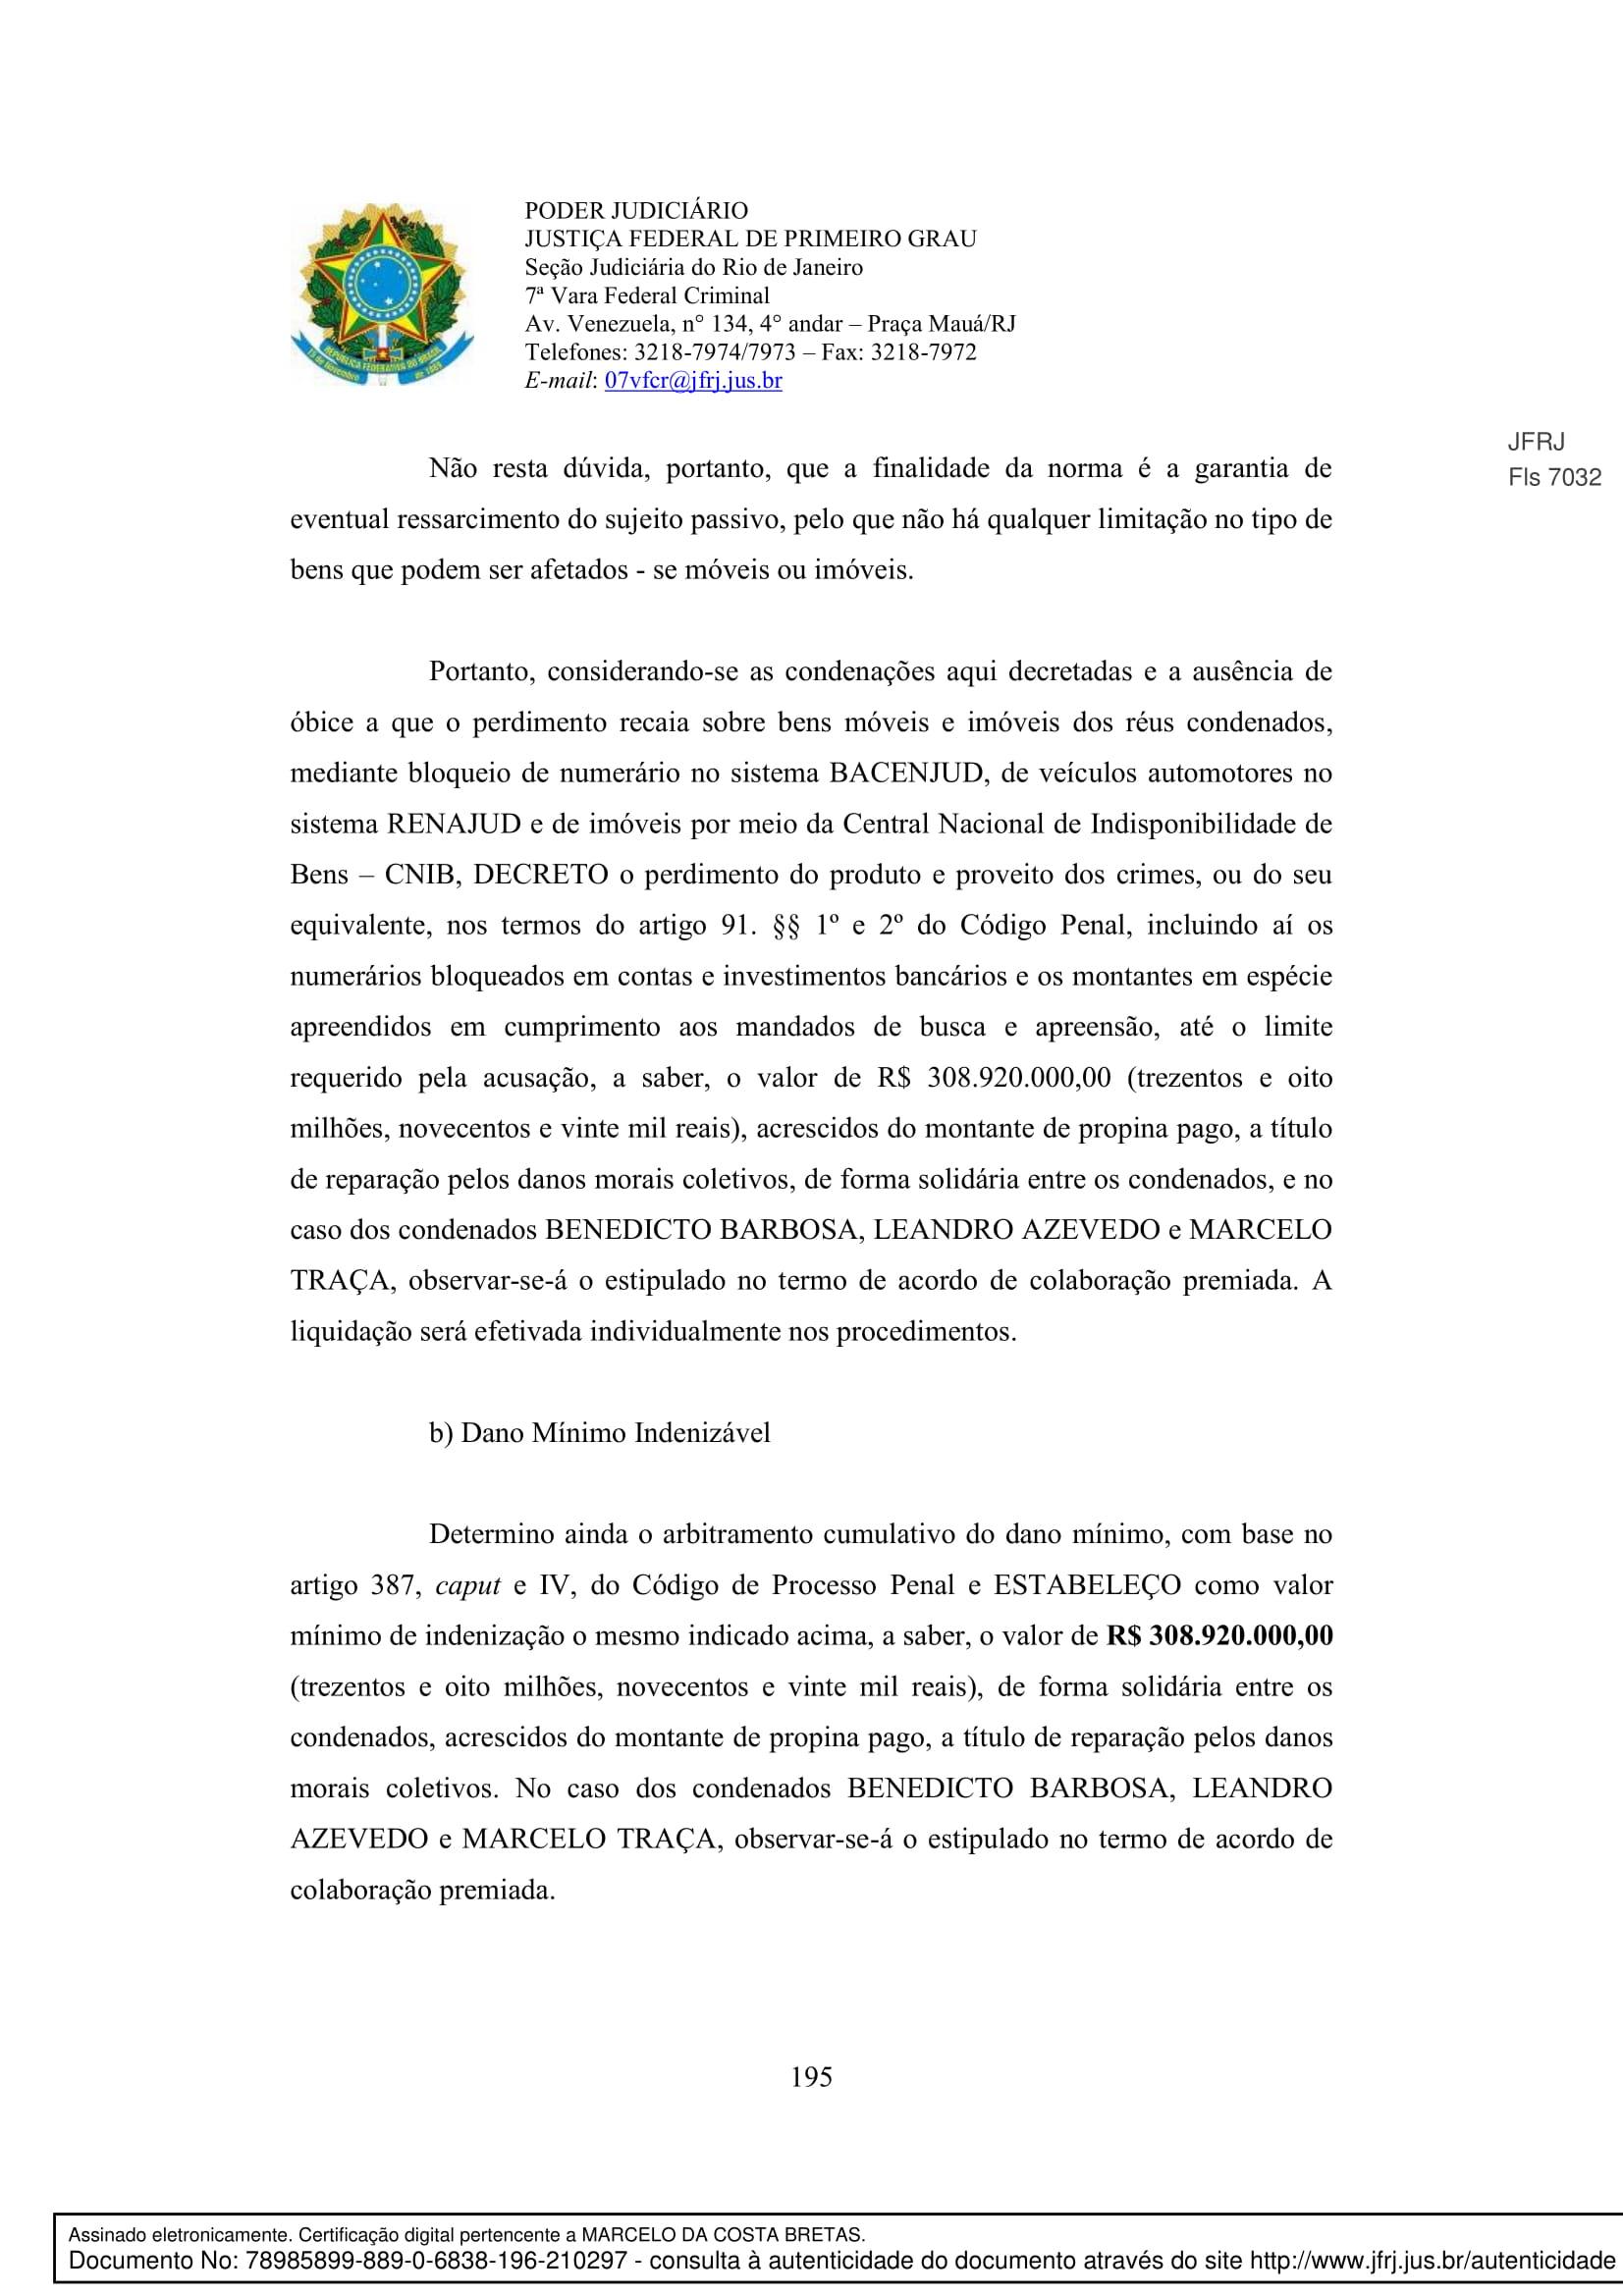 Sentenca-Cadeia-Velha-7VFC-195